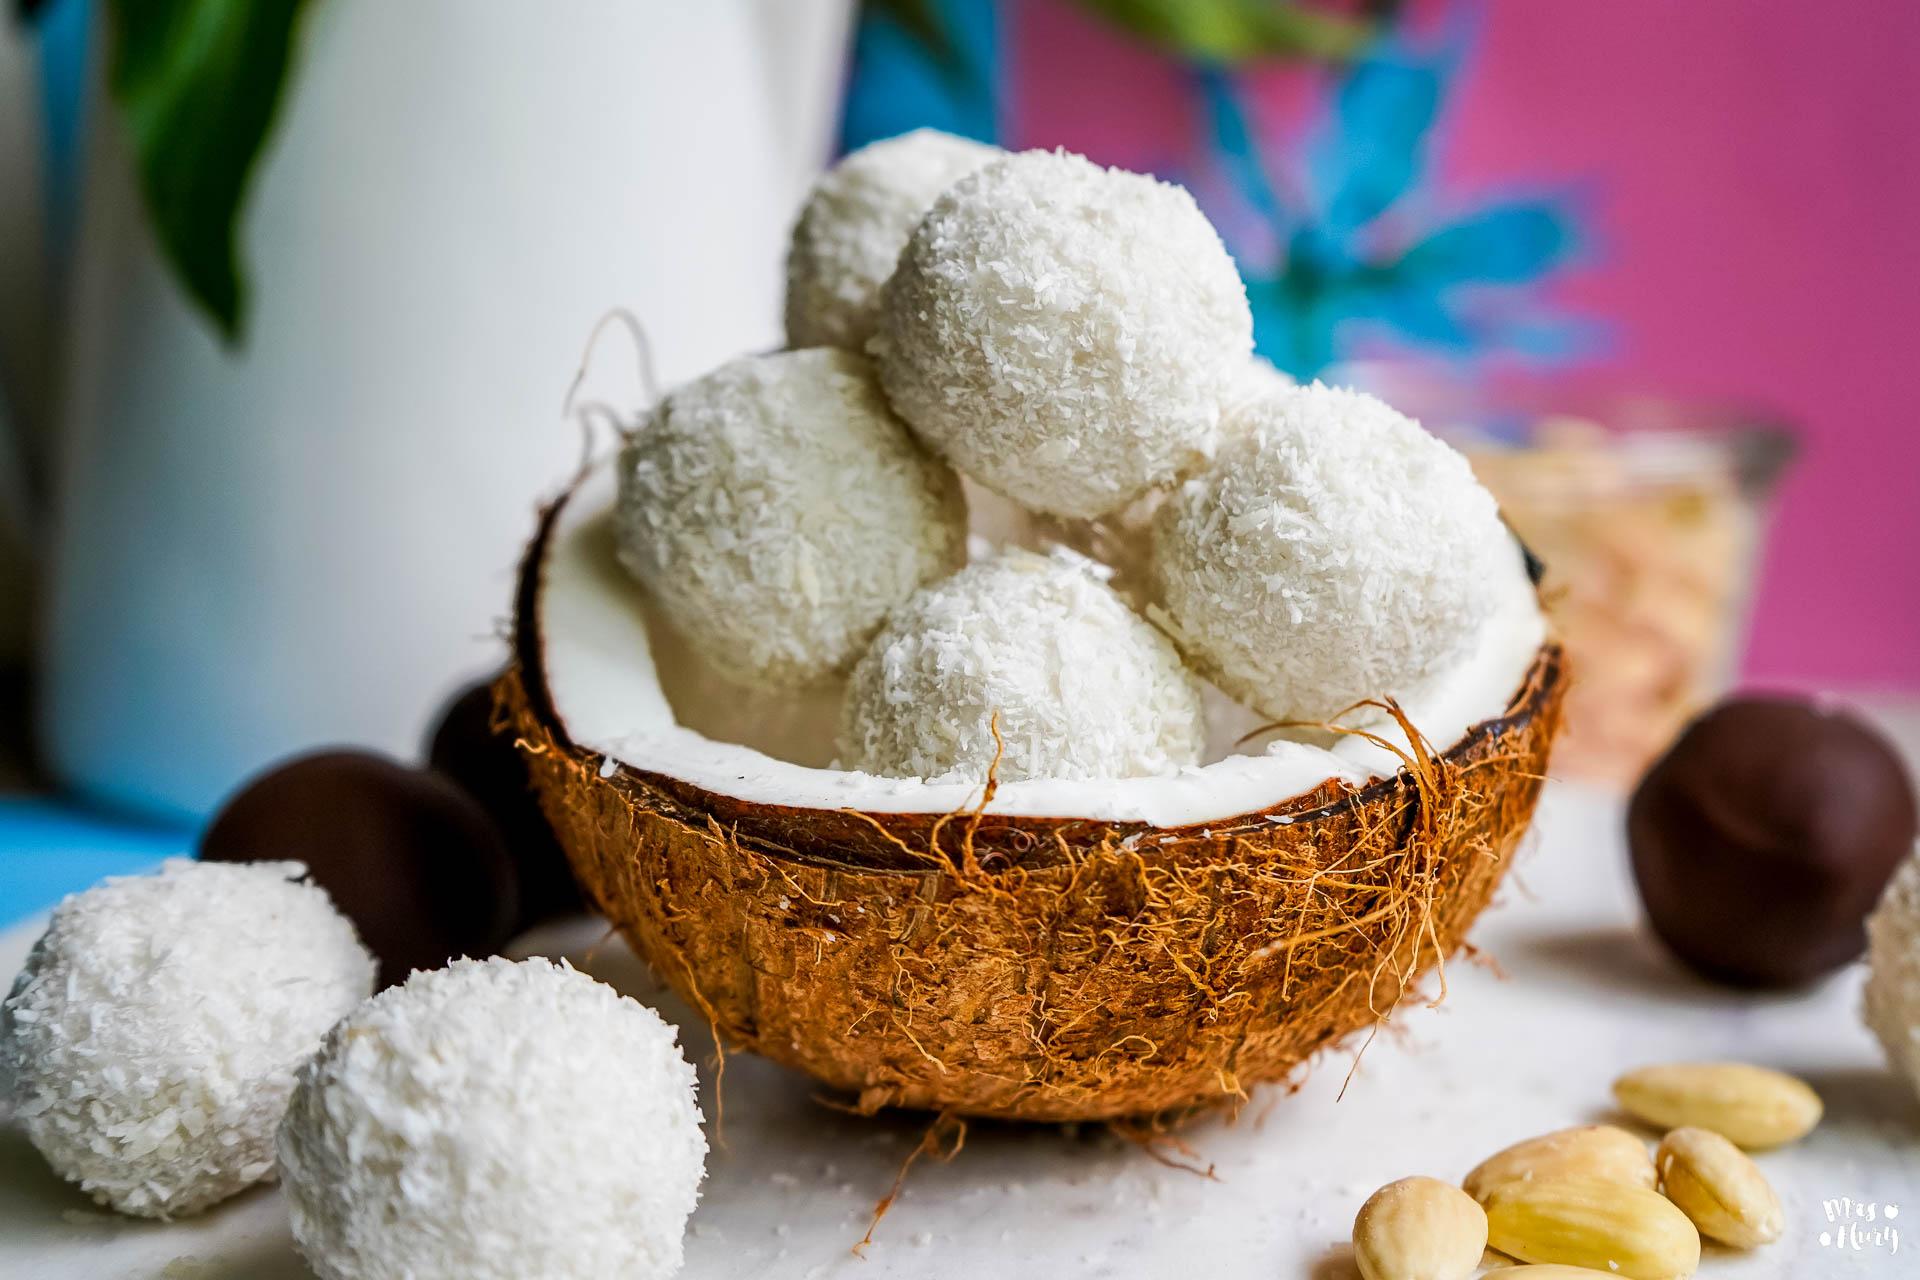 gesunde kokosb llchen bounty und raffaello kugeln mrs flury gesund essen leben. Black Bedroom Furniture Sets. Home Design Ideas